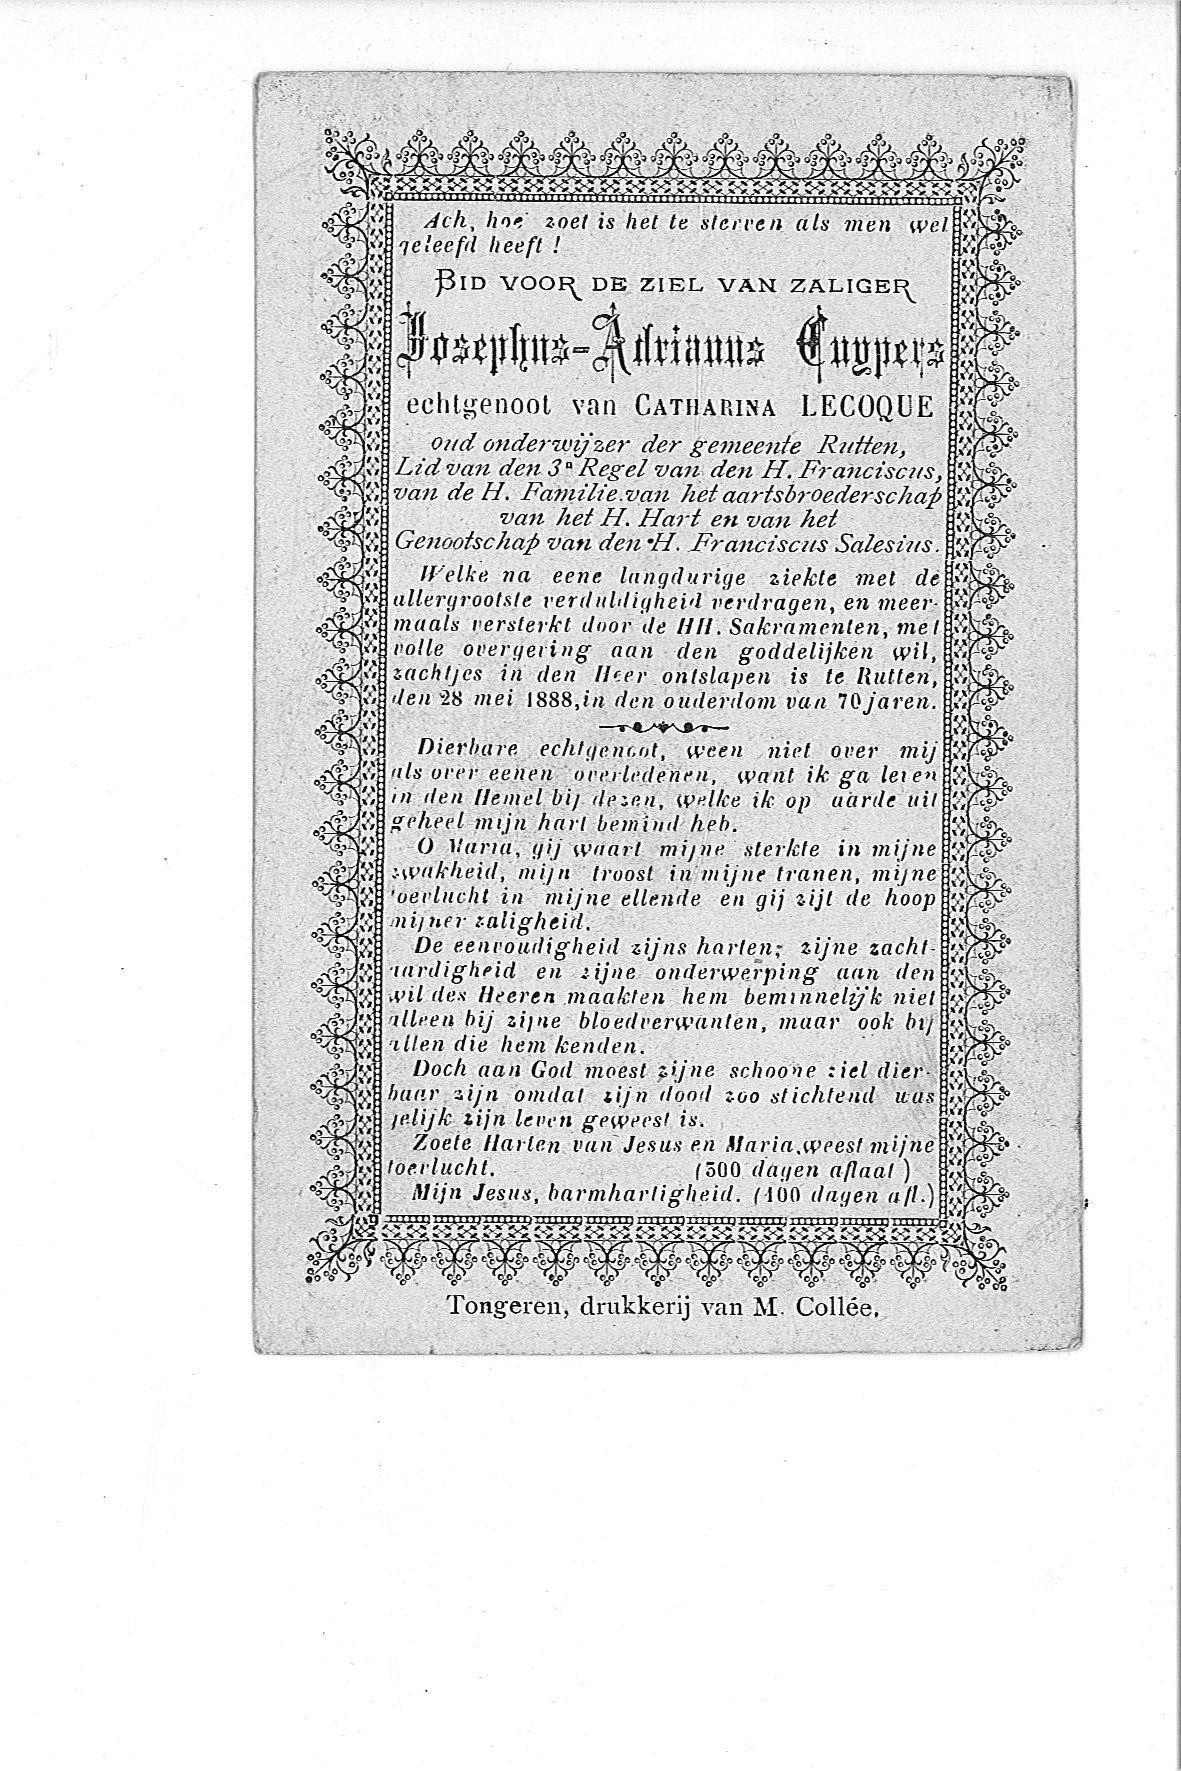 josephus-adrianus(1888)20090323101150_00041.jpg